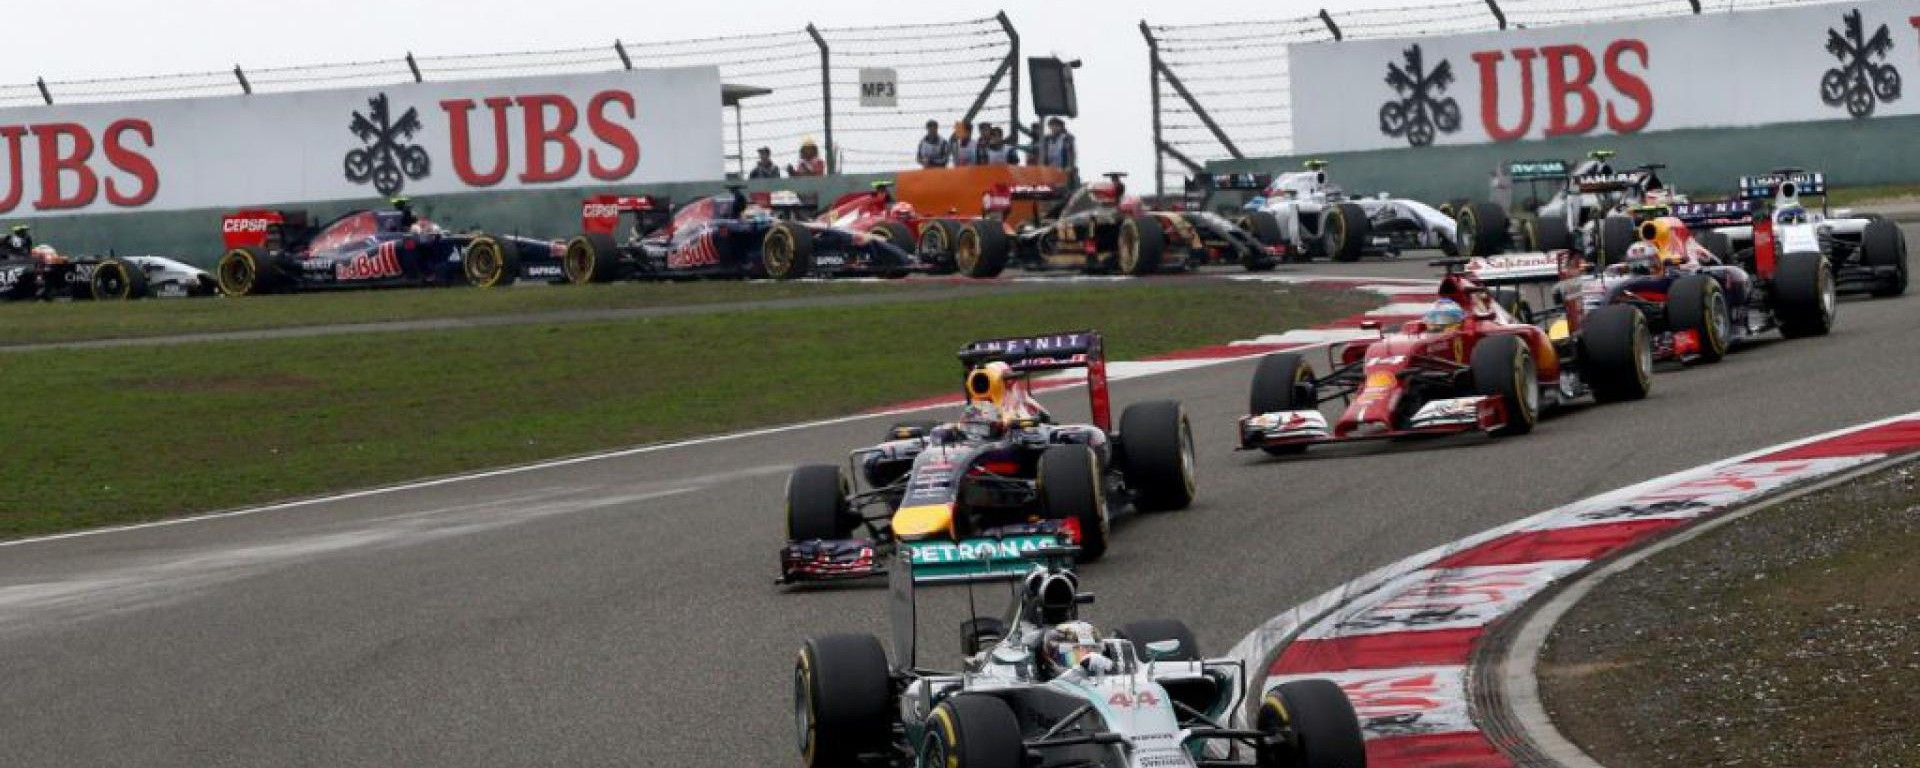 Formula 1 pronta a cambiare padrone?